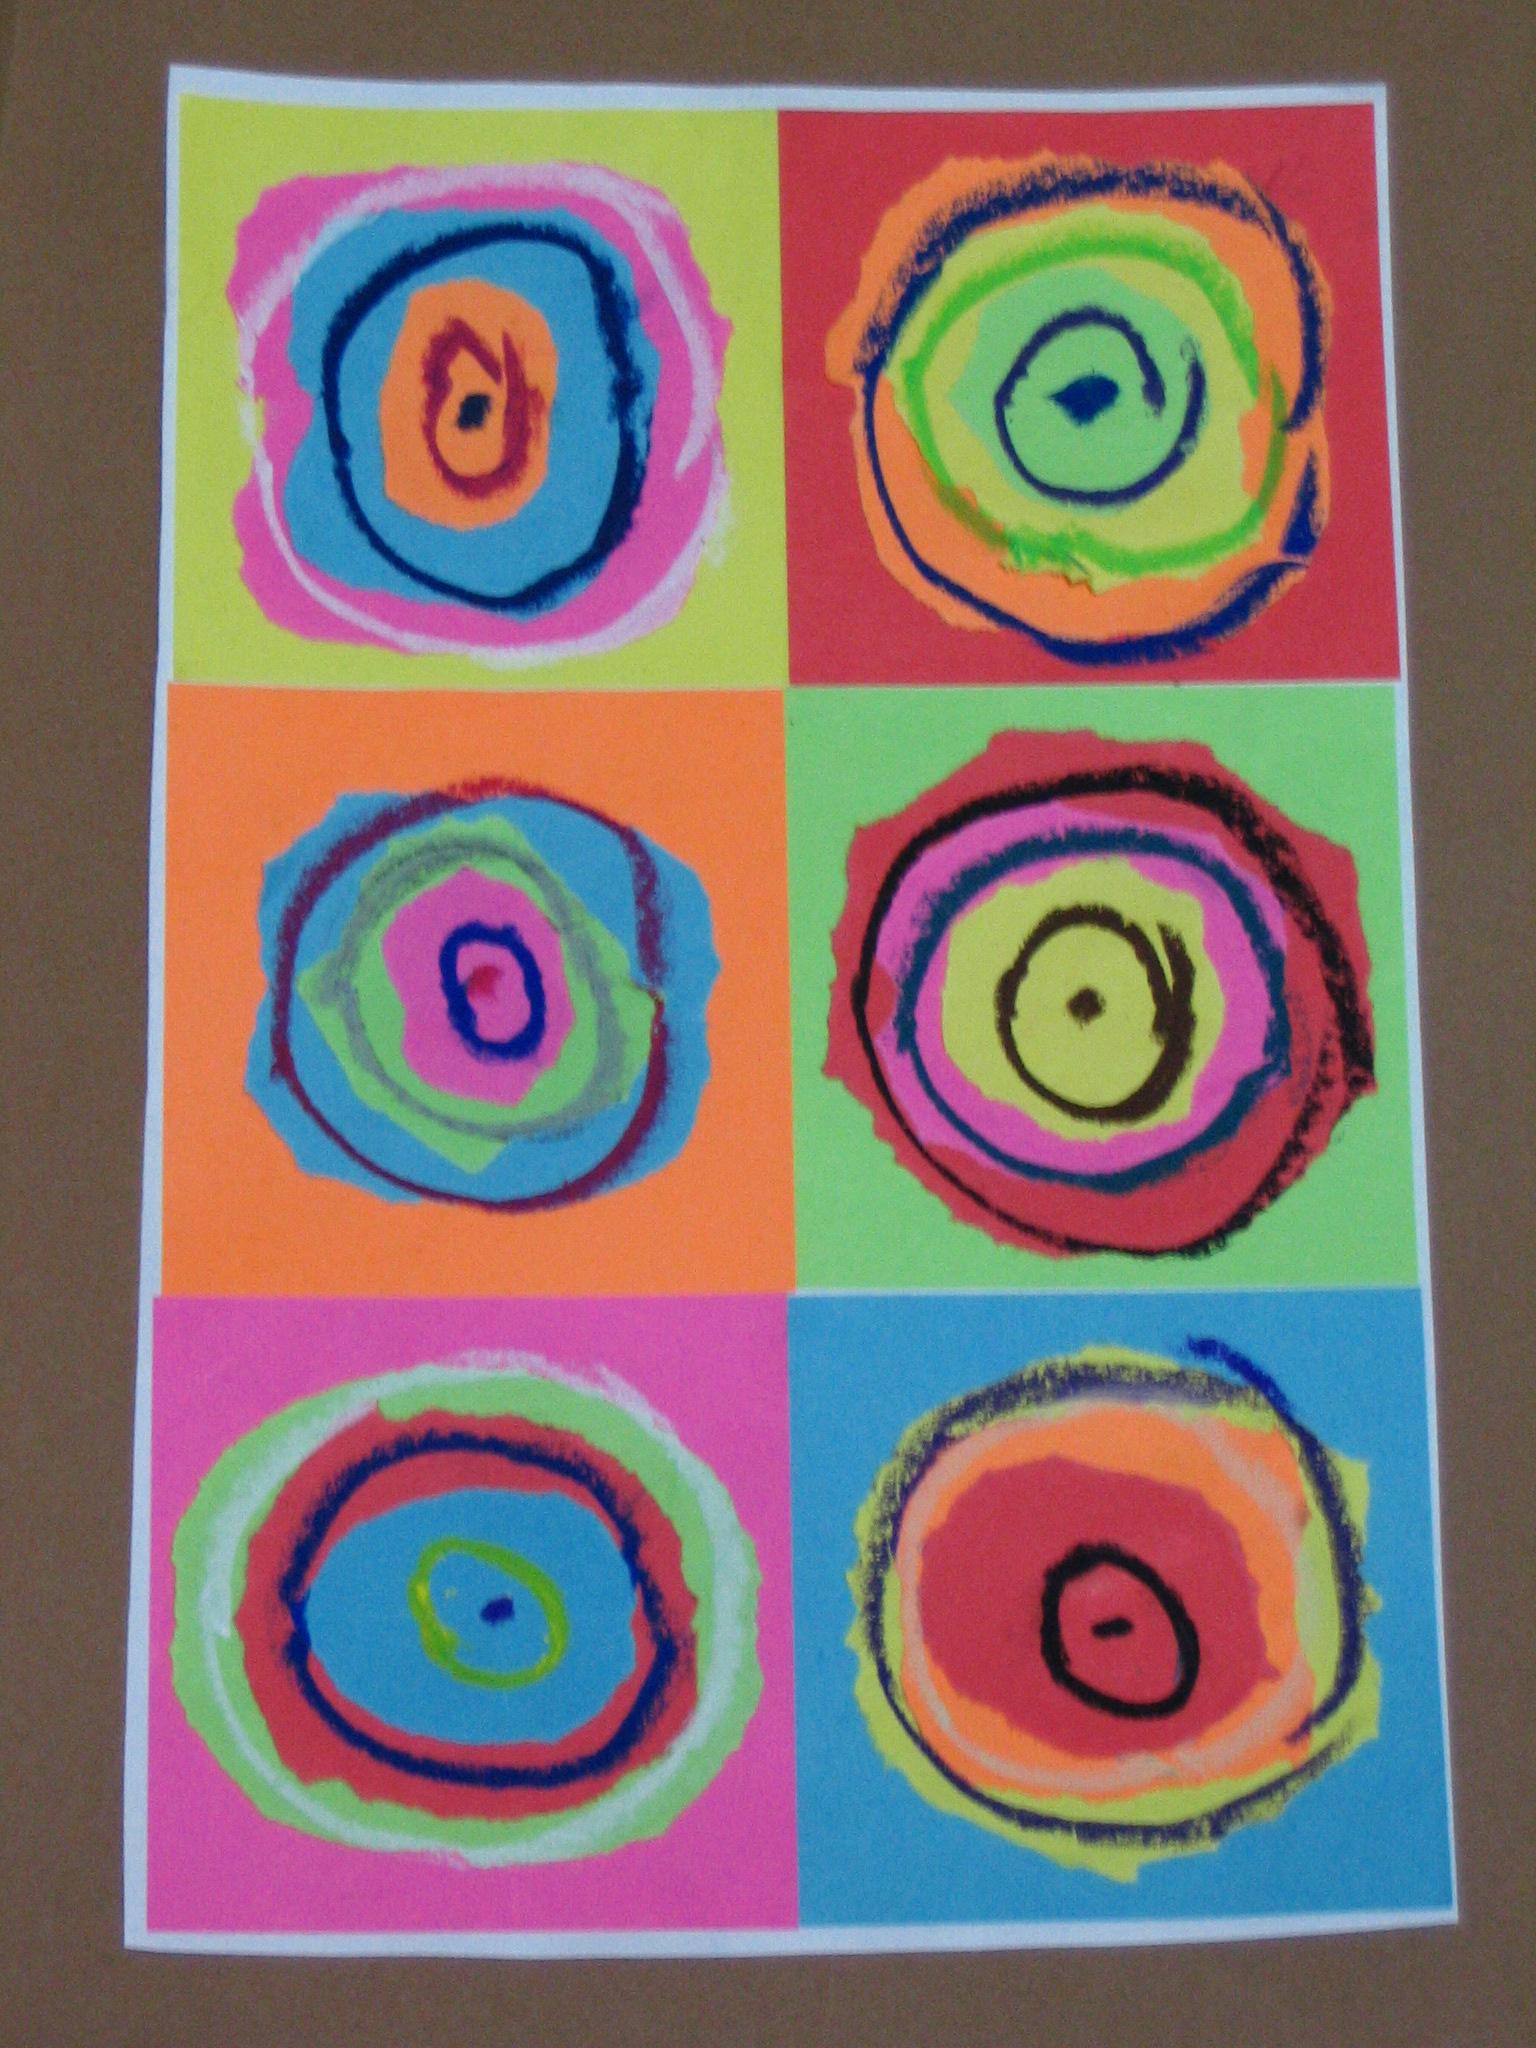 Eccezionale Era Kandinsky! Progetto di arte per bambini. | Tina Festa SO16